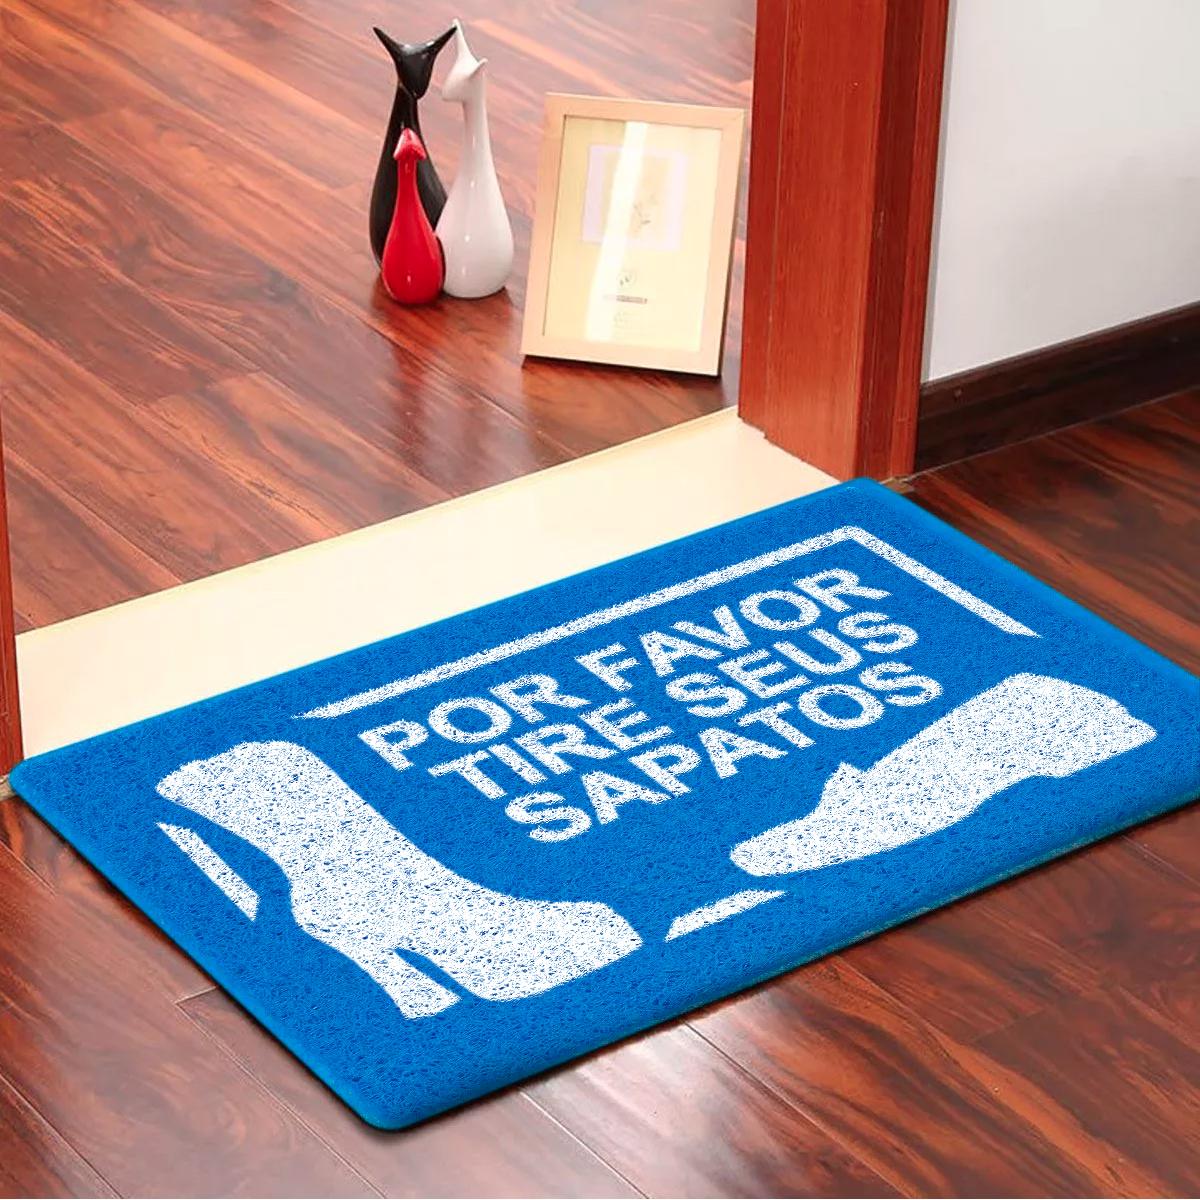 Capacho Por Favor Tire Seus Sapatos Emborrachado Azul - 60 cm x 40 cm - Carpet Black